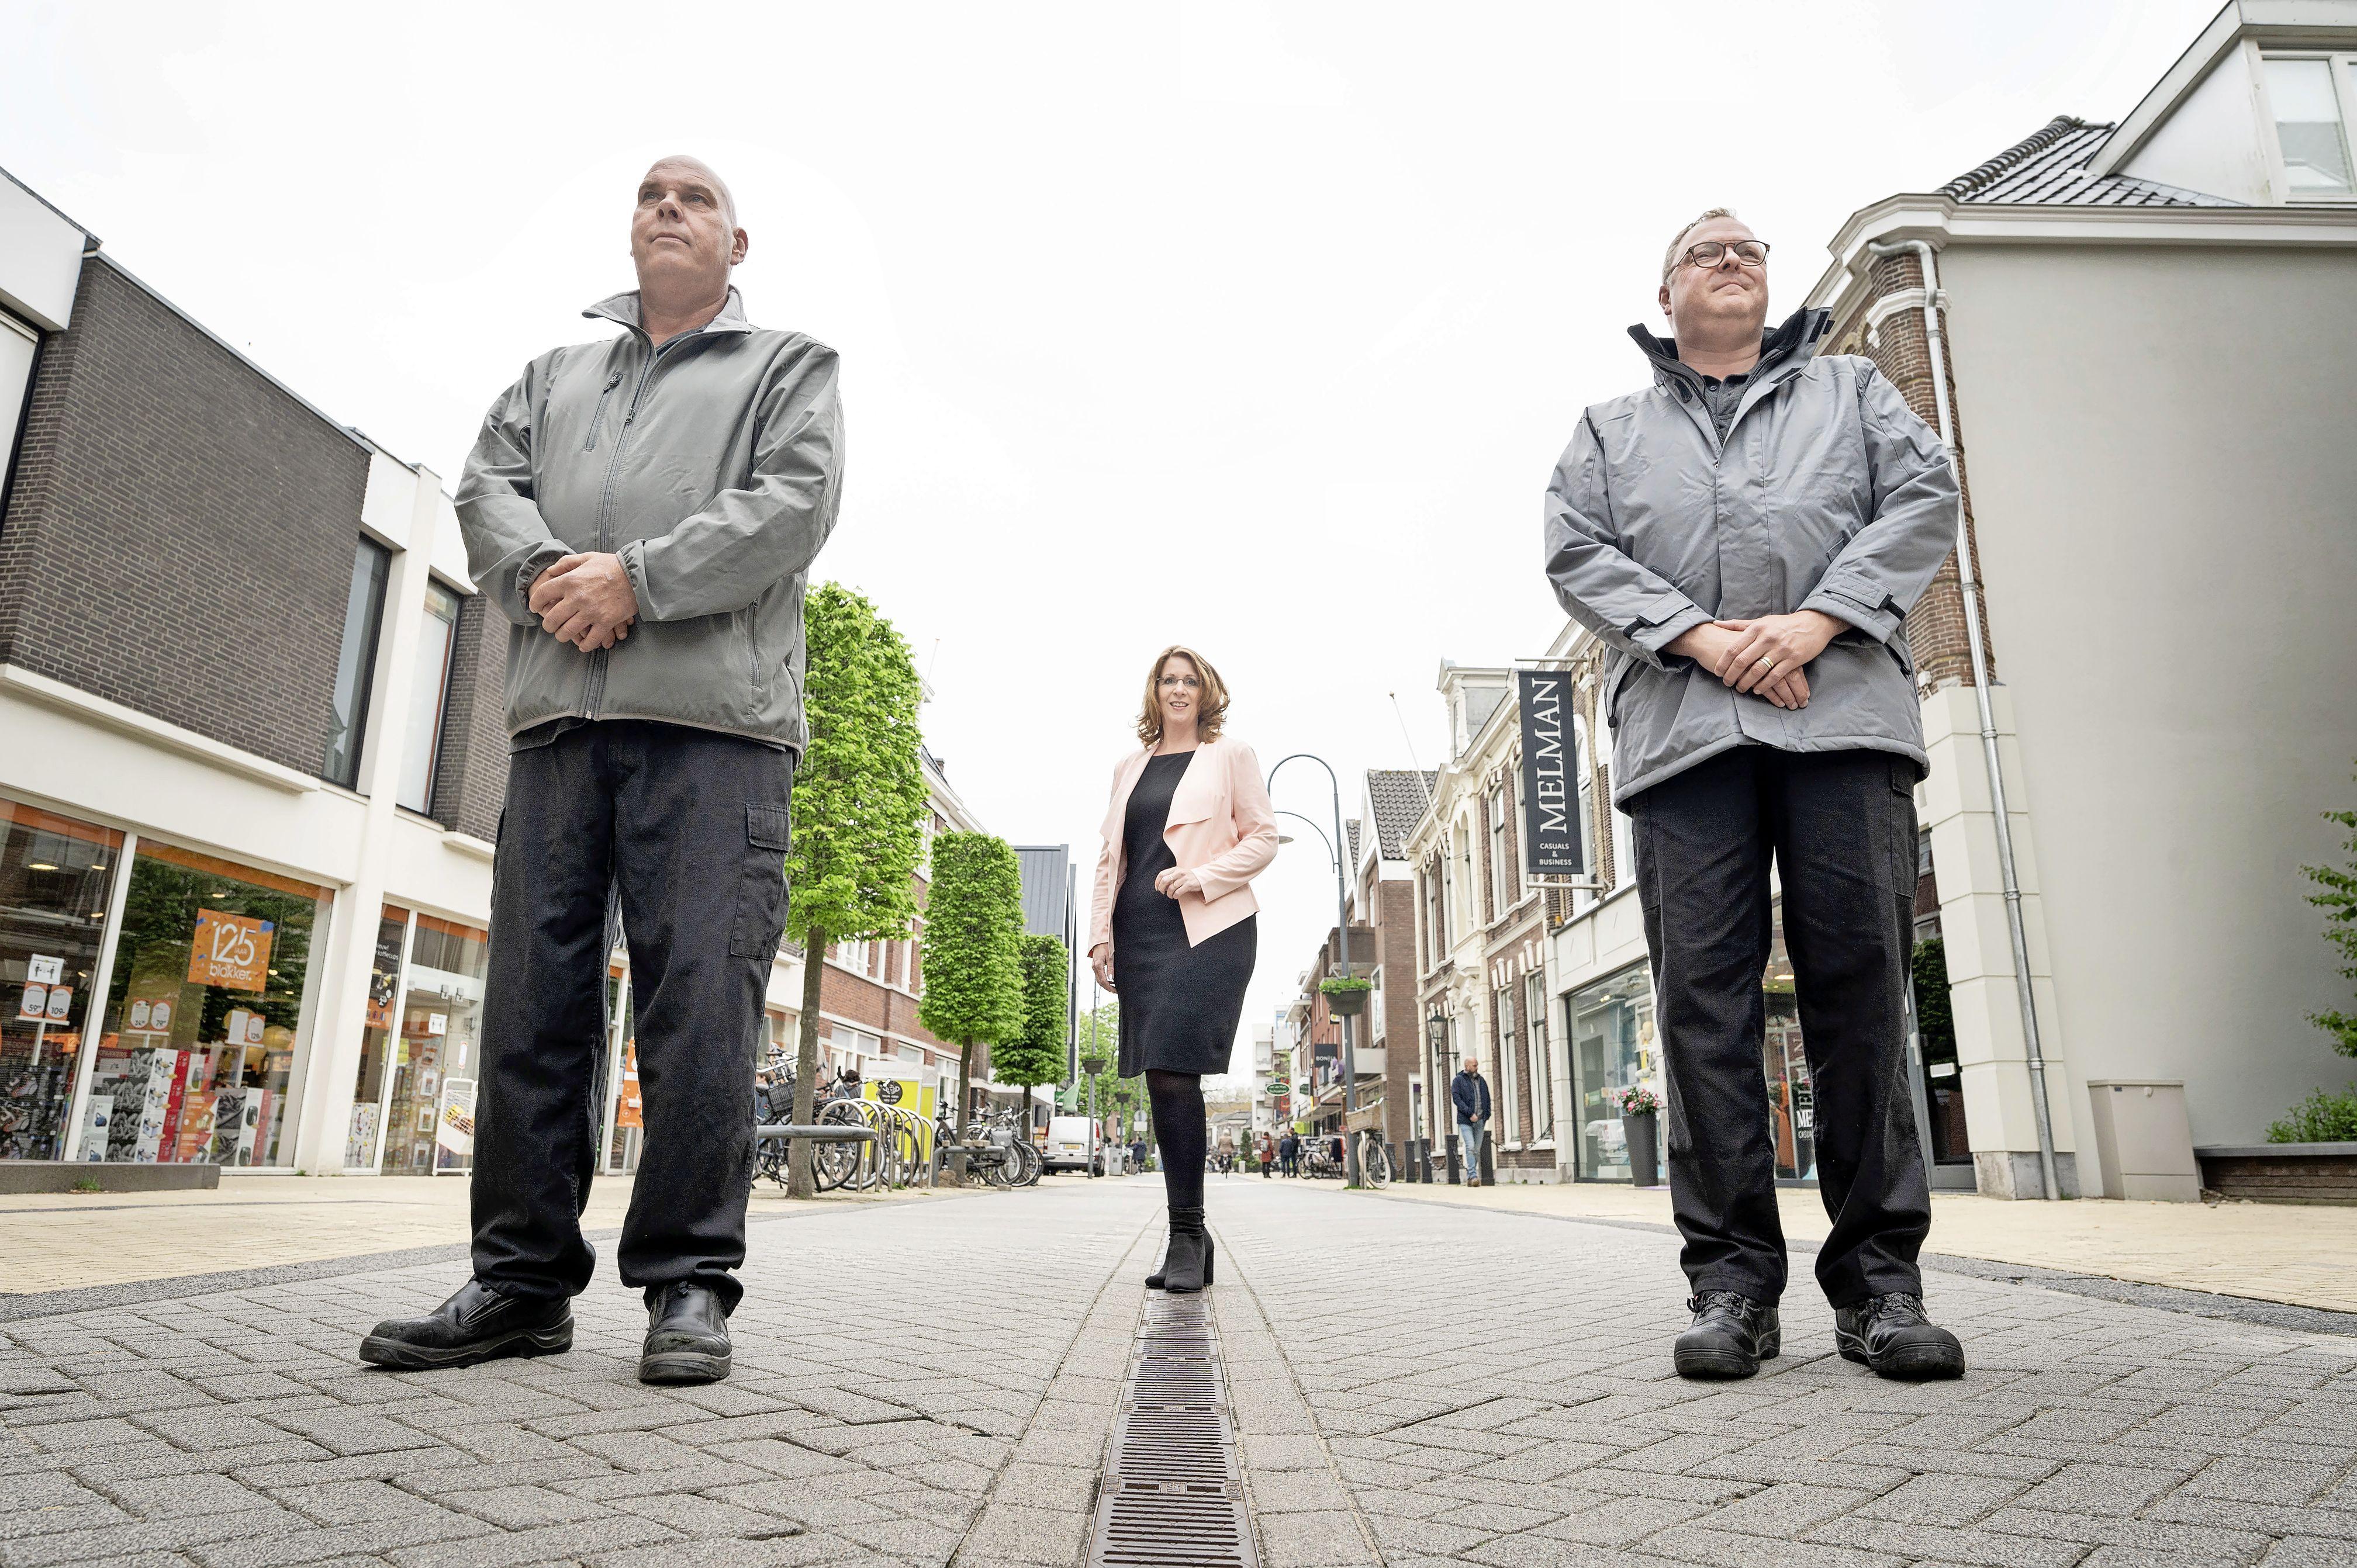 Sfeerbeheerders zorgen voor naleving coronamaatregelen in centrum van Sassenheim